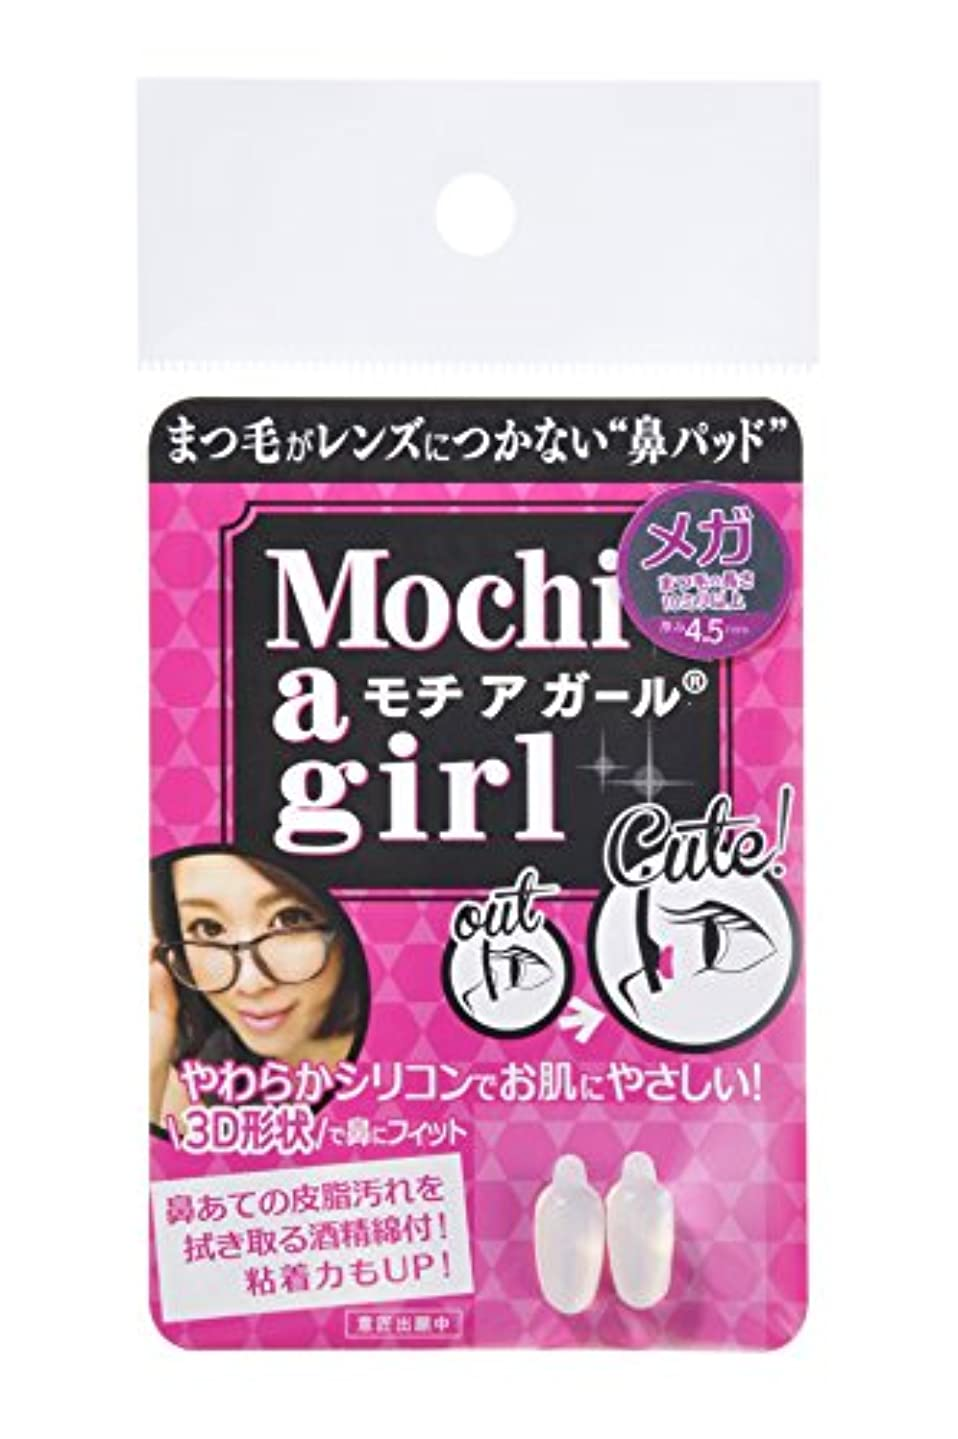 クレーターパーフェルビッドミニチュアモチアガール メガ 【厚み4.5mm】